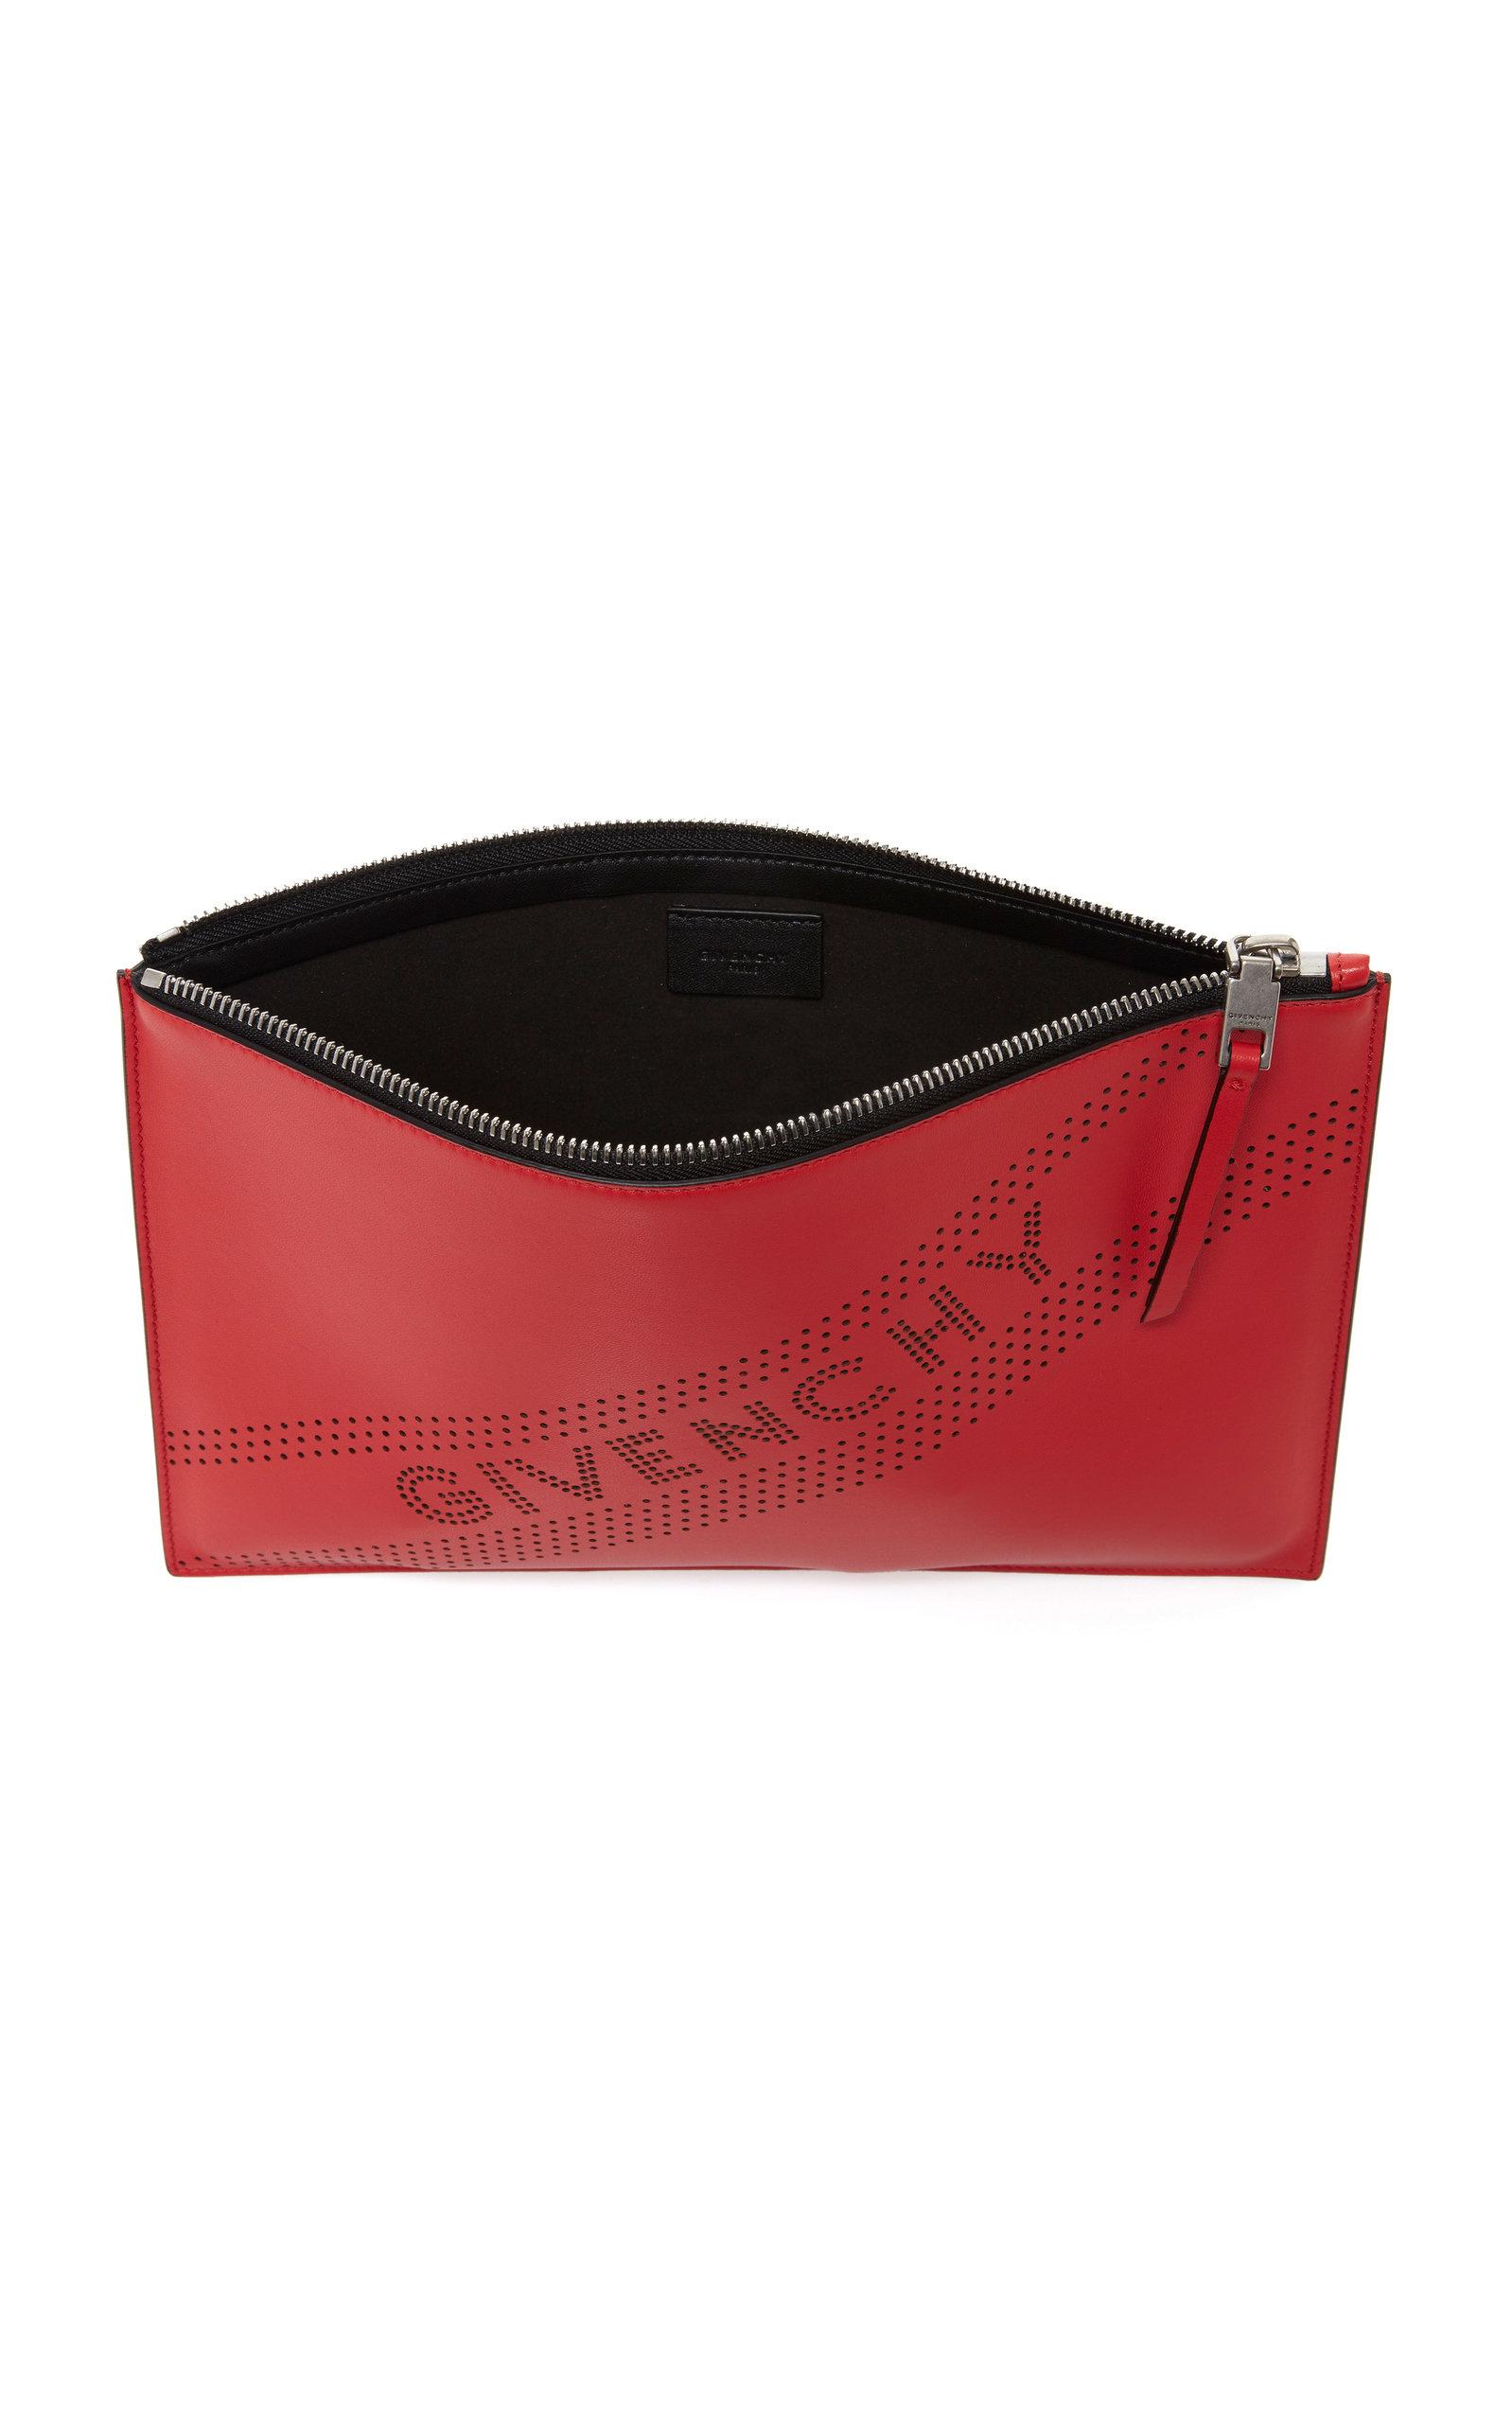 Emblem Medium Pouch by Givenchy  230132b8dbff1